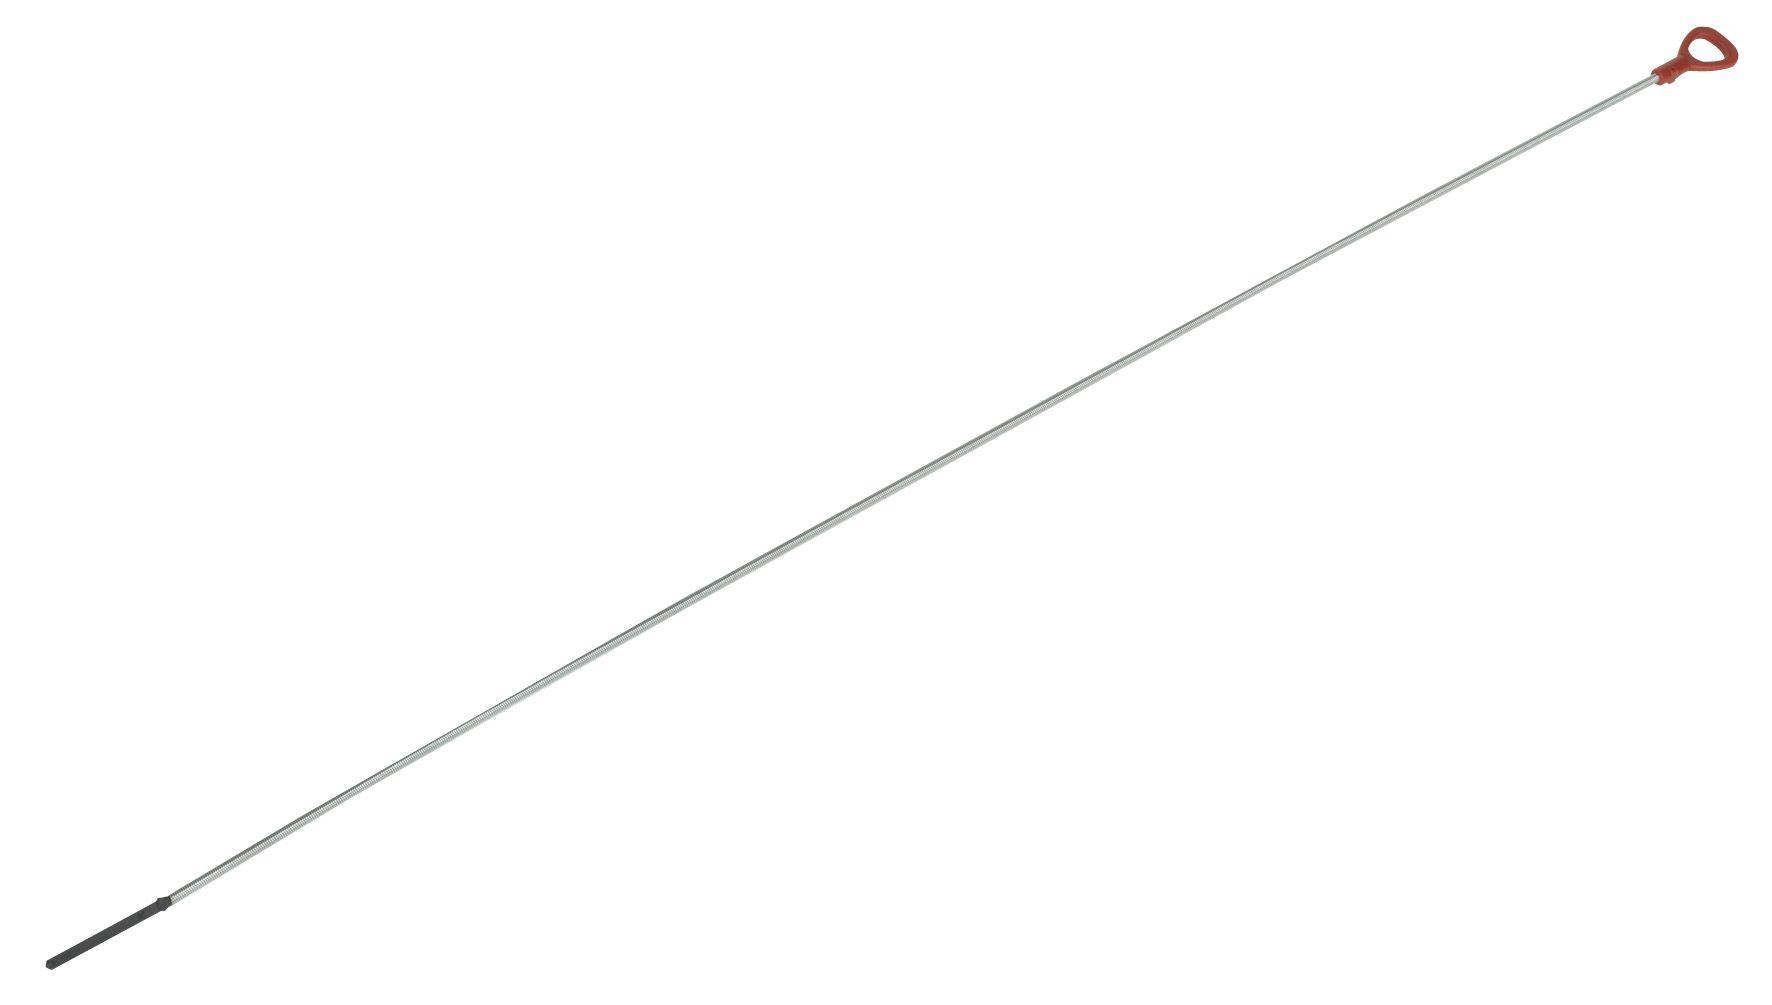 Sealey Mercedes Transmission Dipstick 1200mm